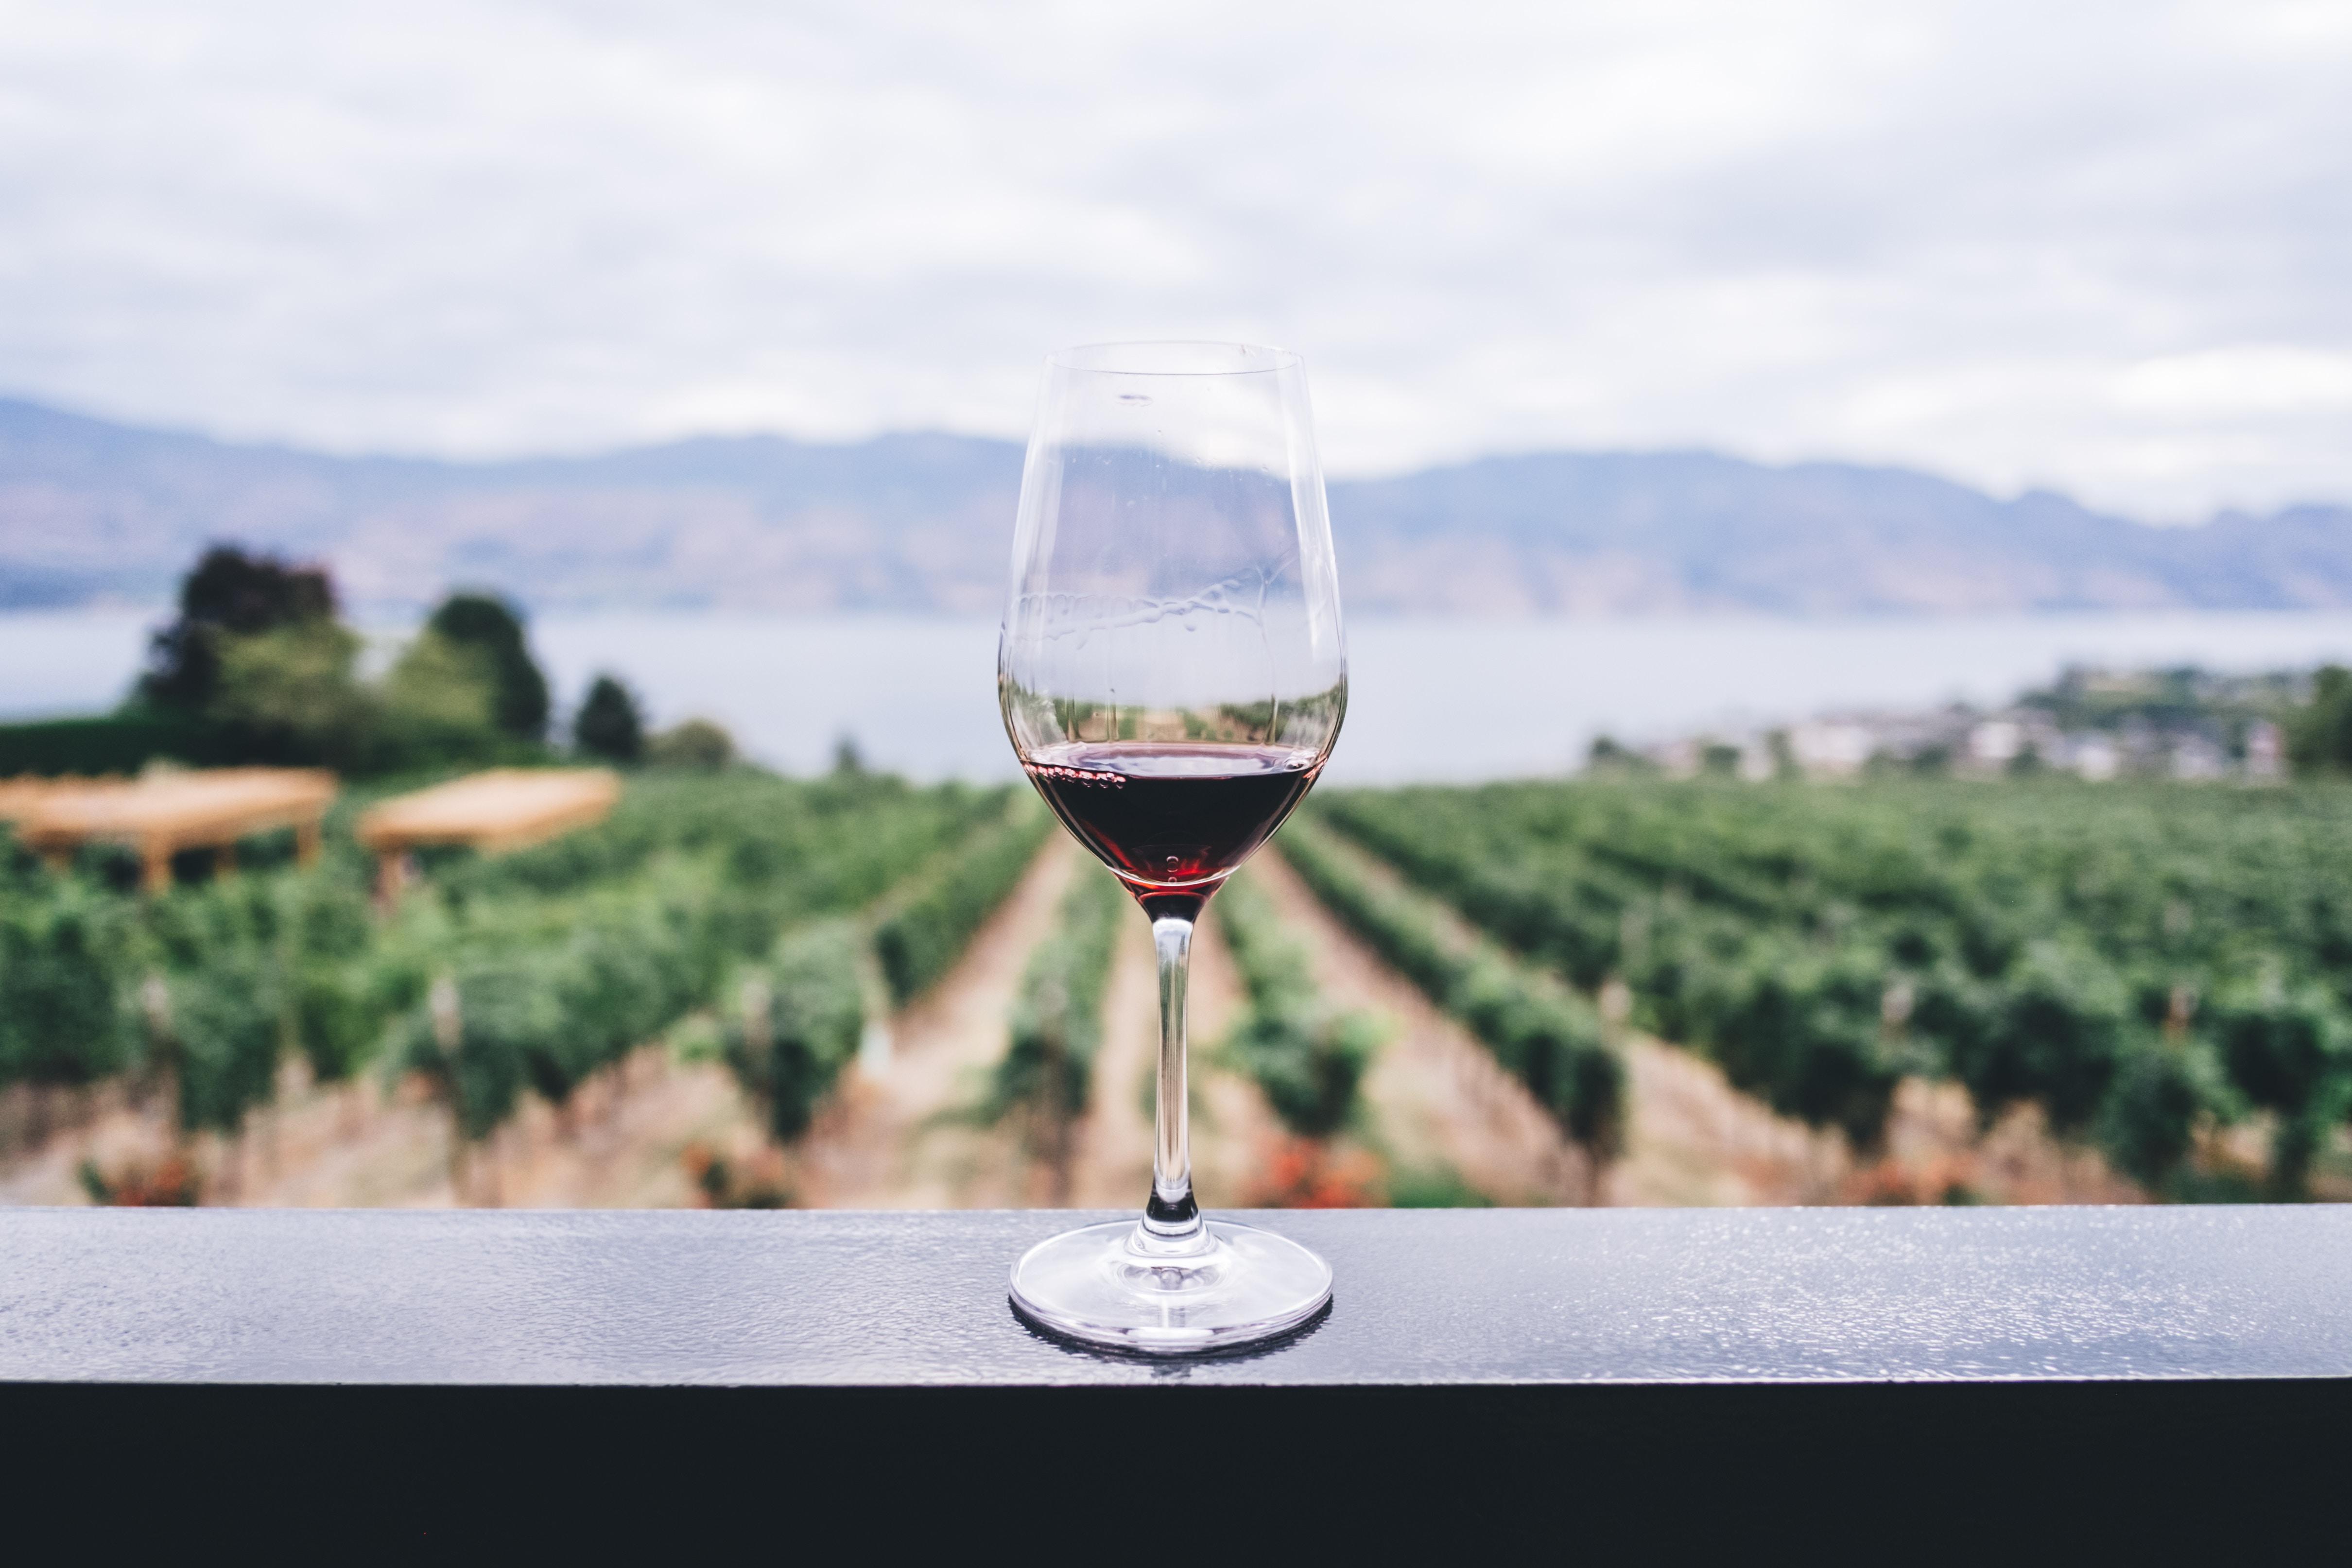 Copa de vino y paisaje viñas